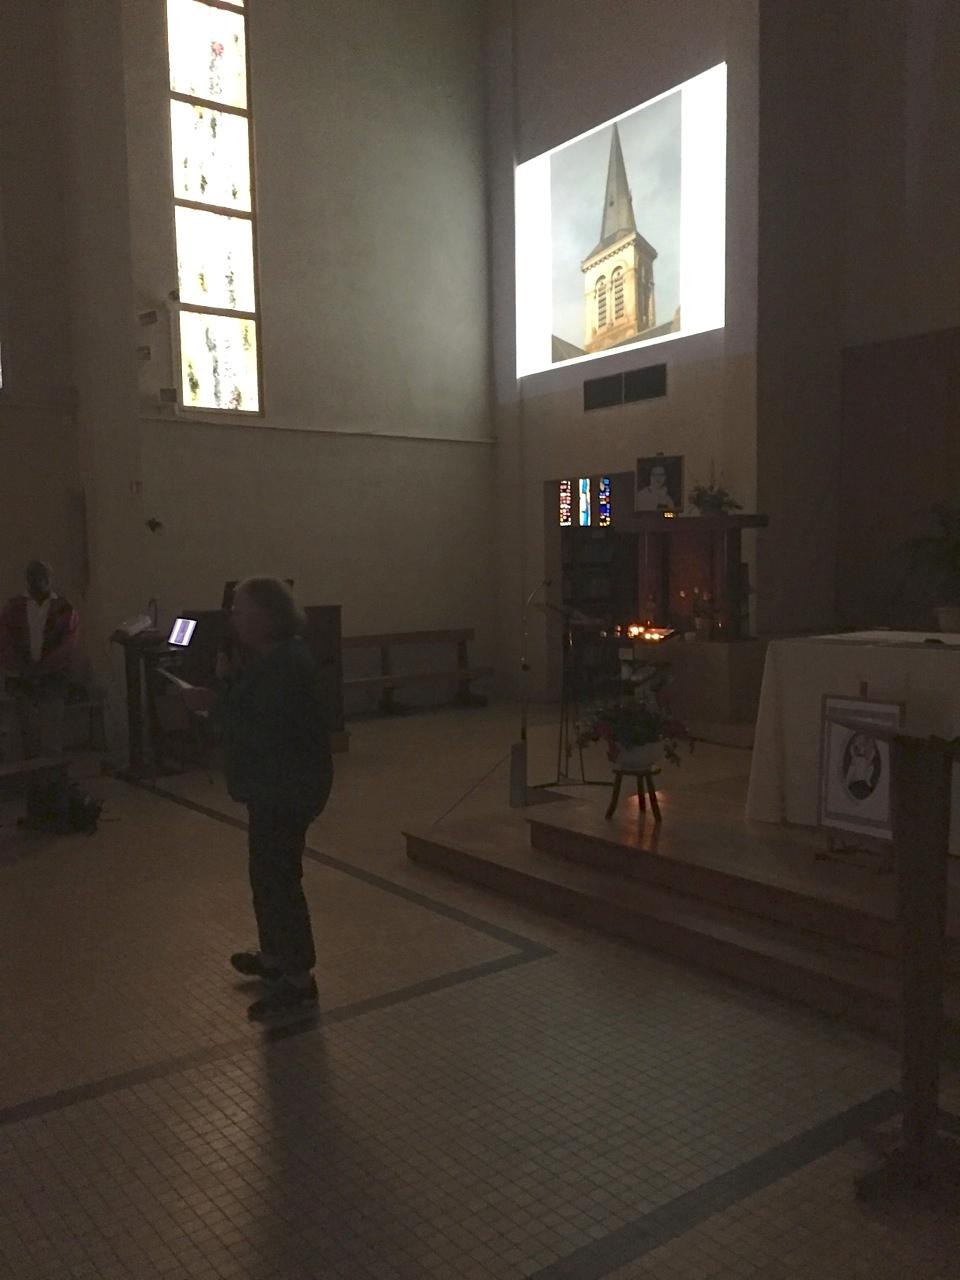 Accueil au Christ Roi de Courteille, présentation des divers clochers de la paroisse sainte Thérèse